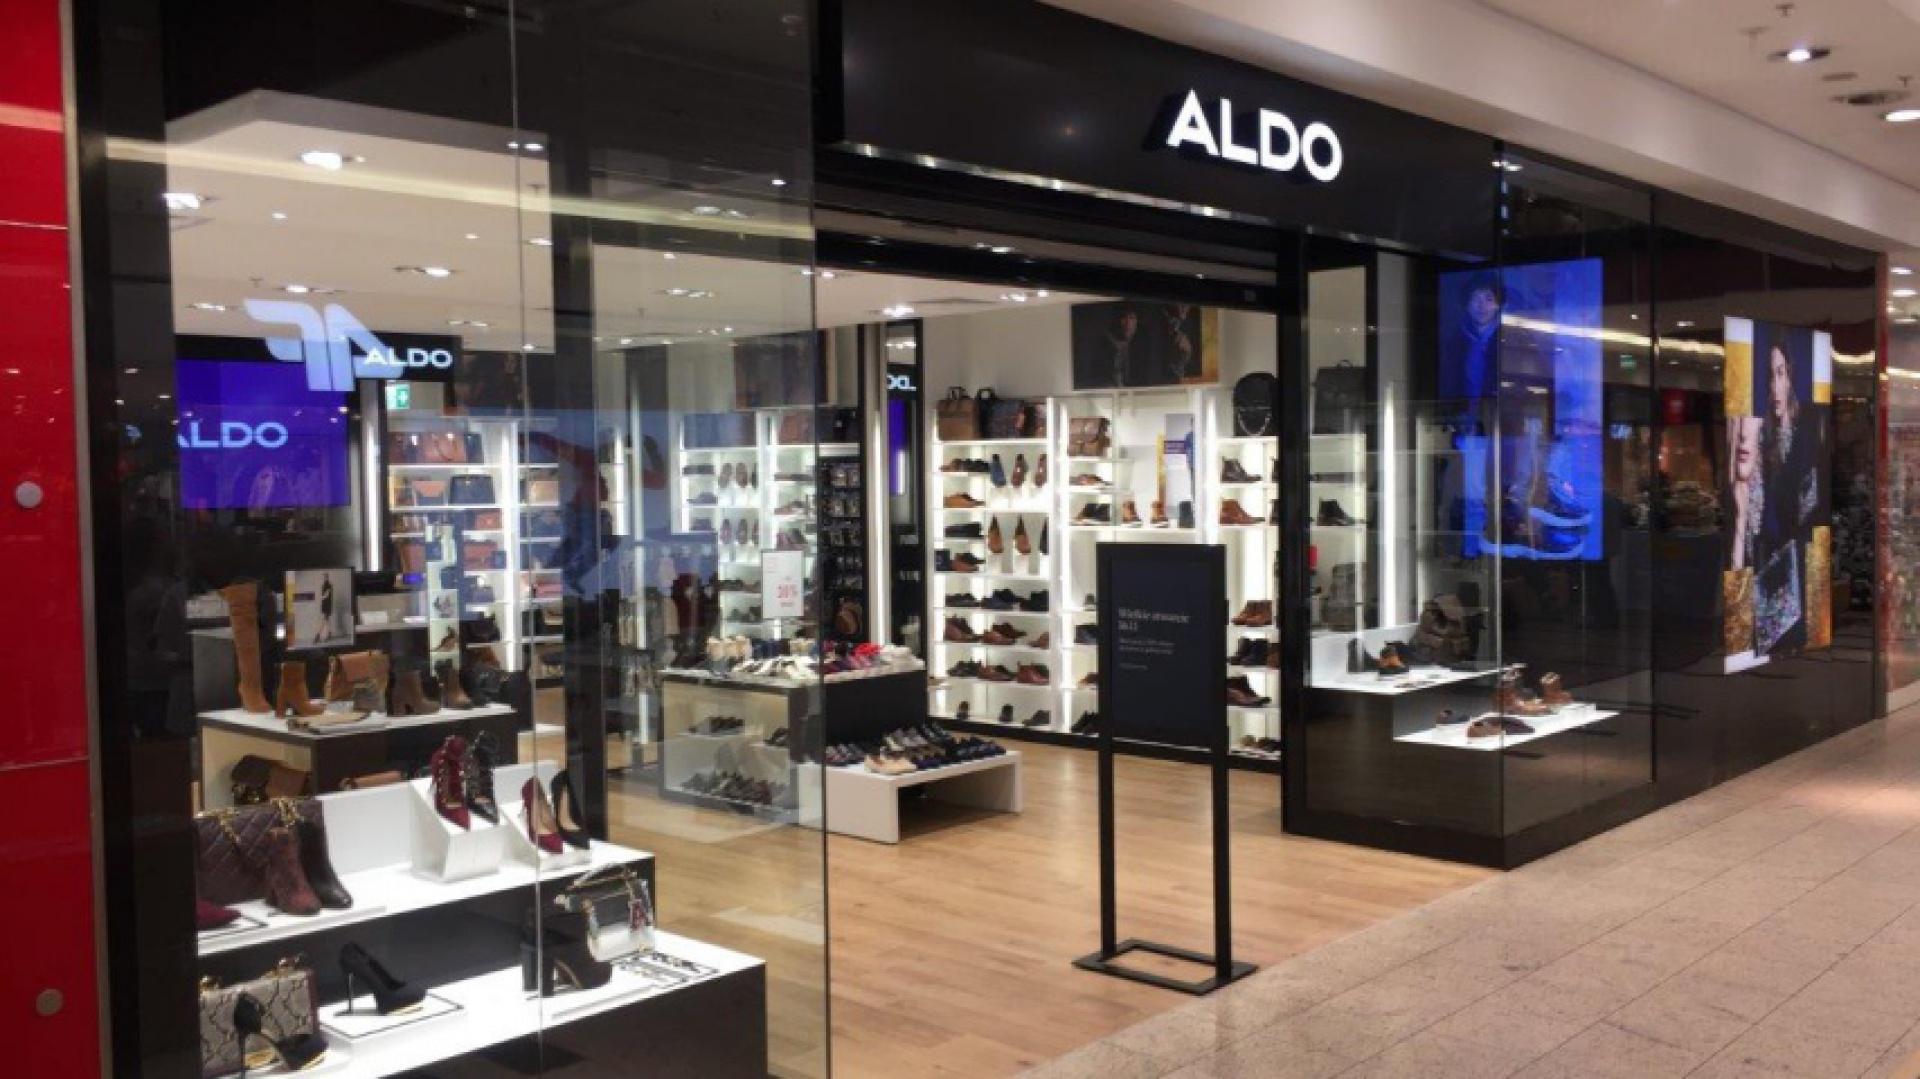 Aldo w Galerii Krakowskiej. / fot. mat. prasowe